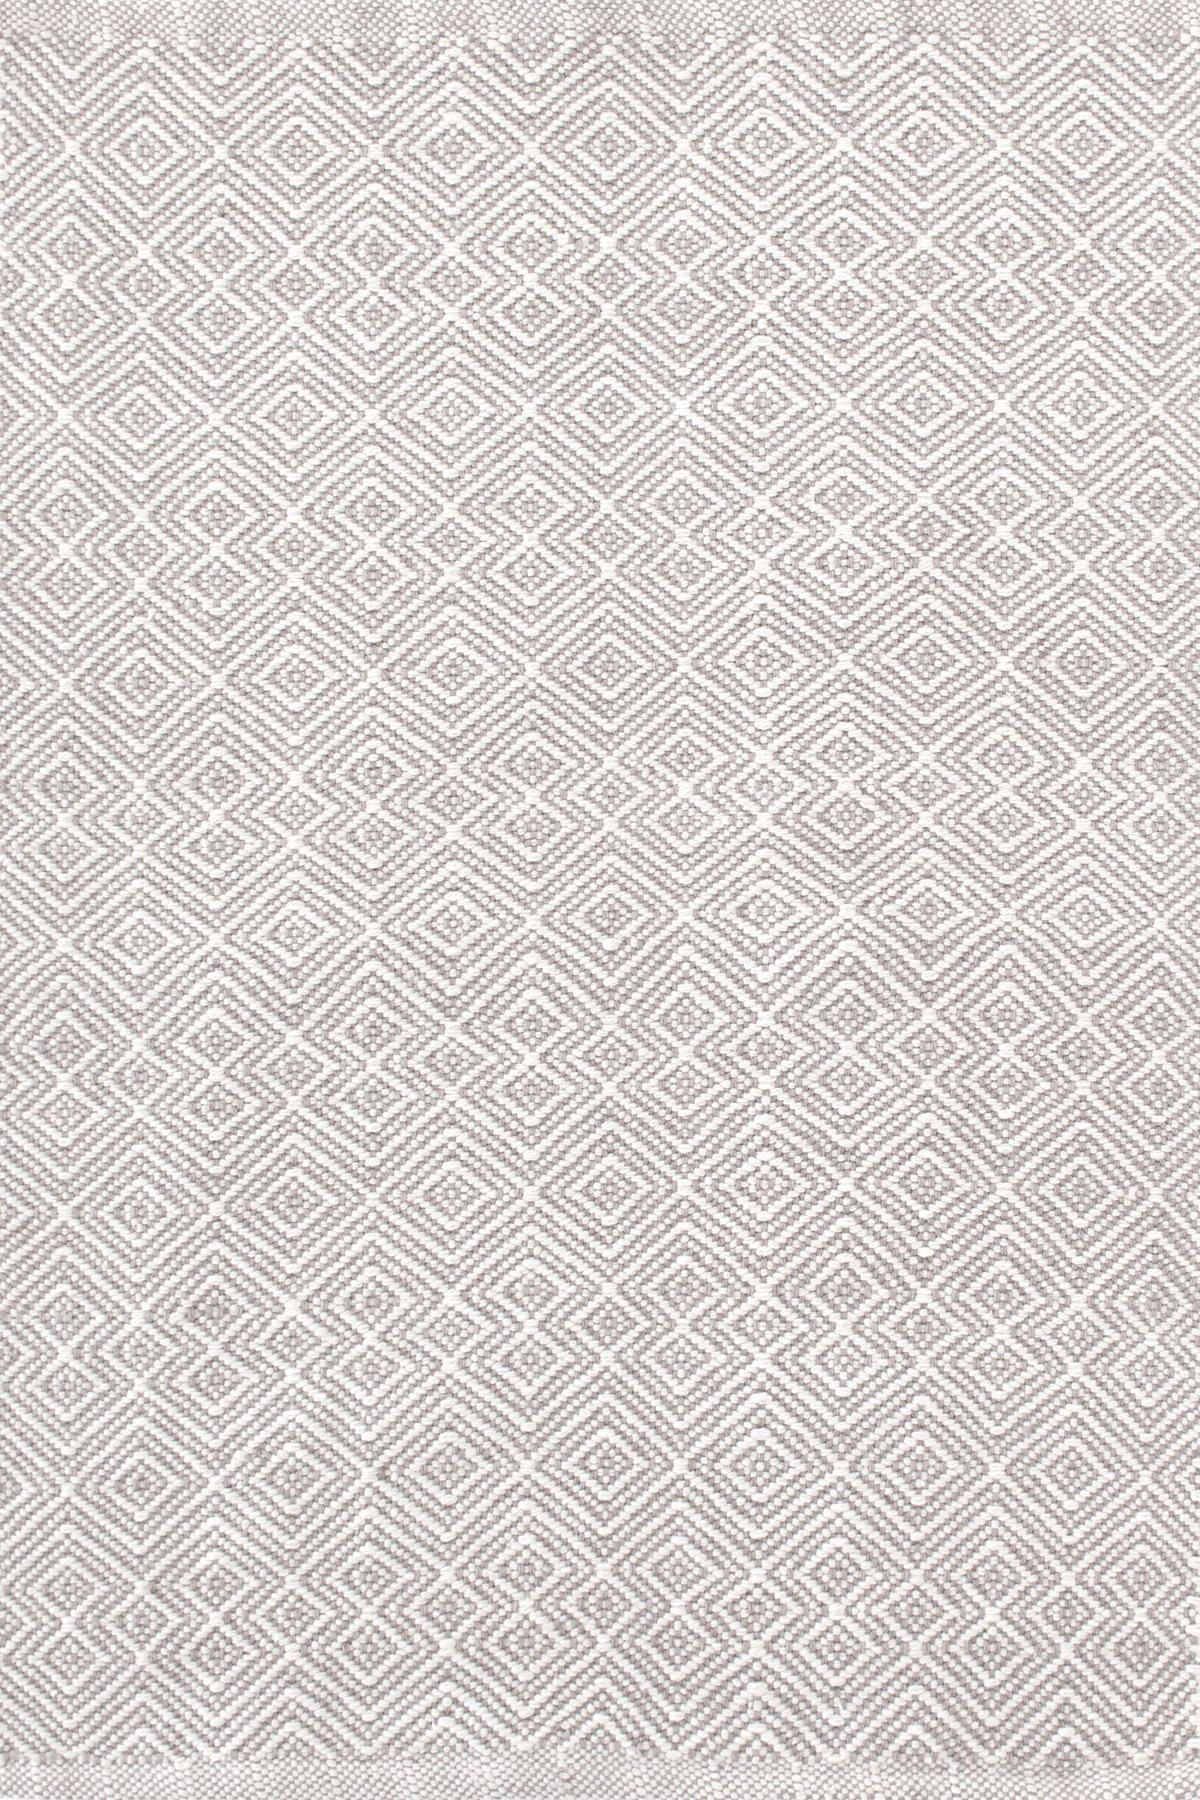 Annabelle Grey Indoor/Outdoor Rug | Diamond pattern, Indoor ...